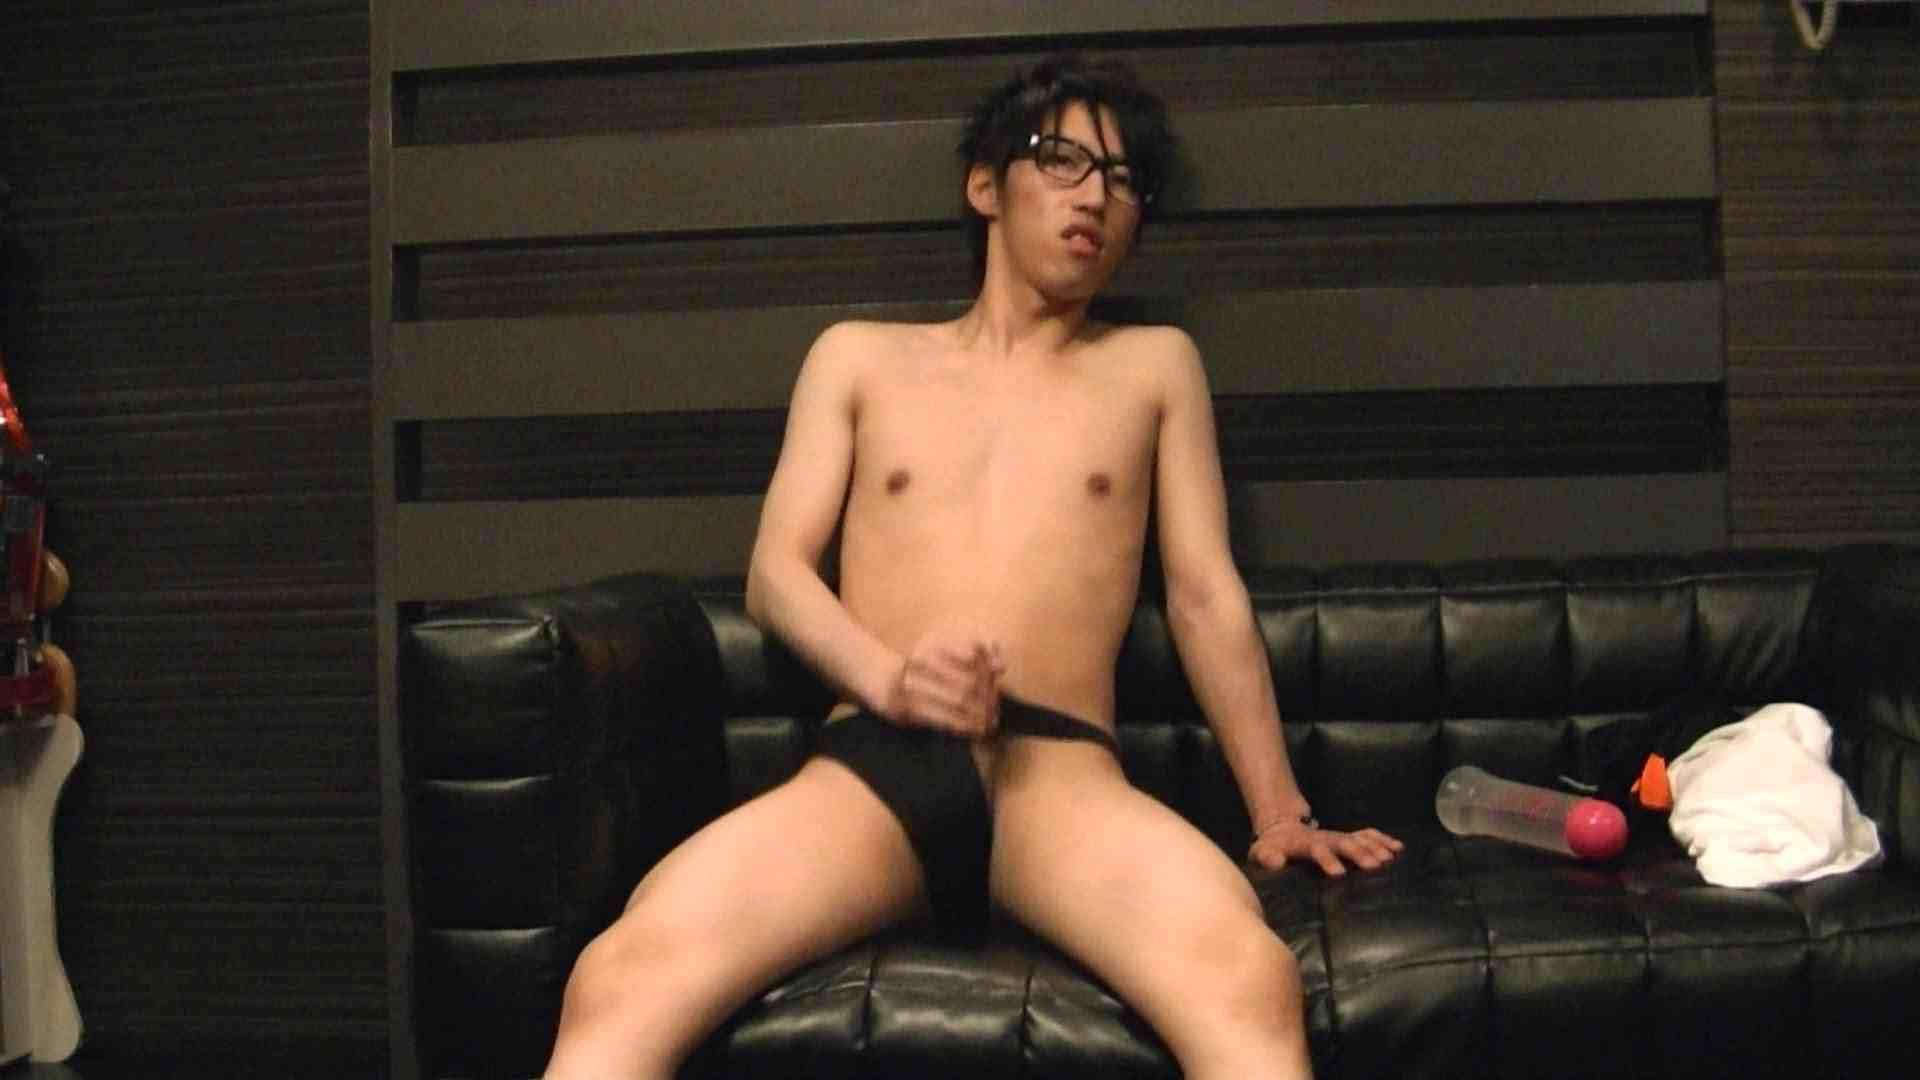 Mr.オナックスさん投稿!HD 貴方のオナニー三万円で撮影させてください。VOL.04 スジ筋系  32pic 20